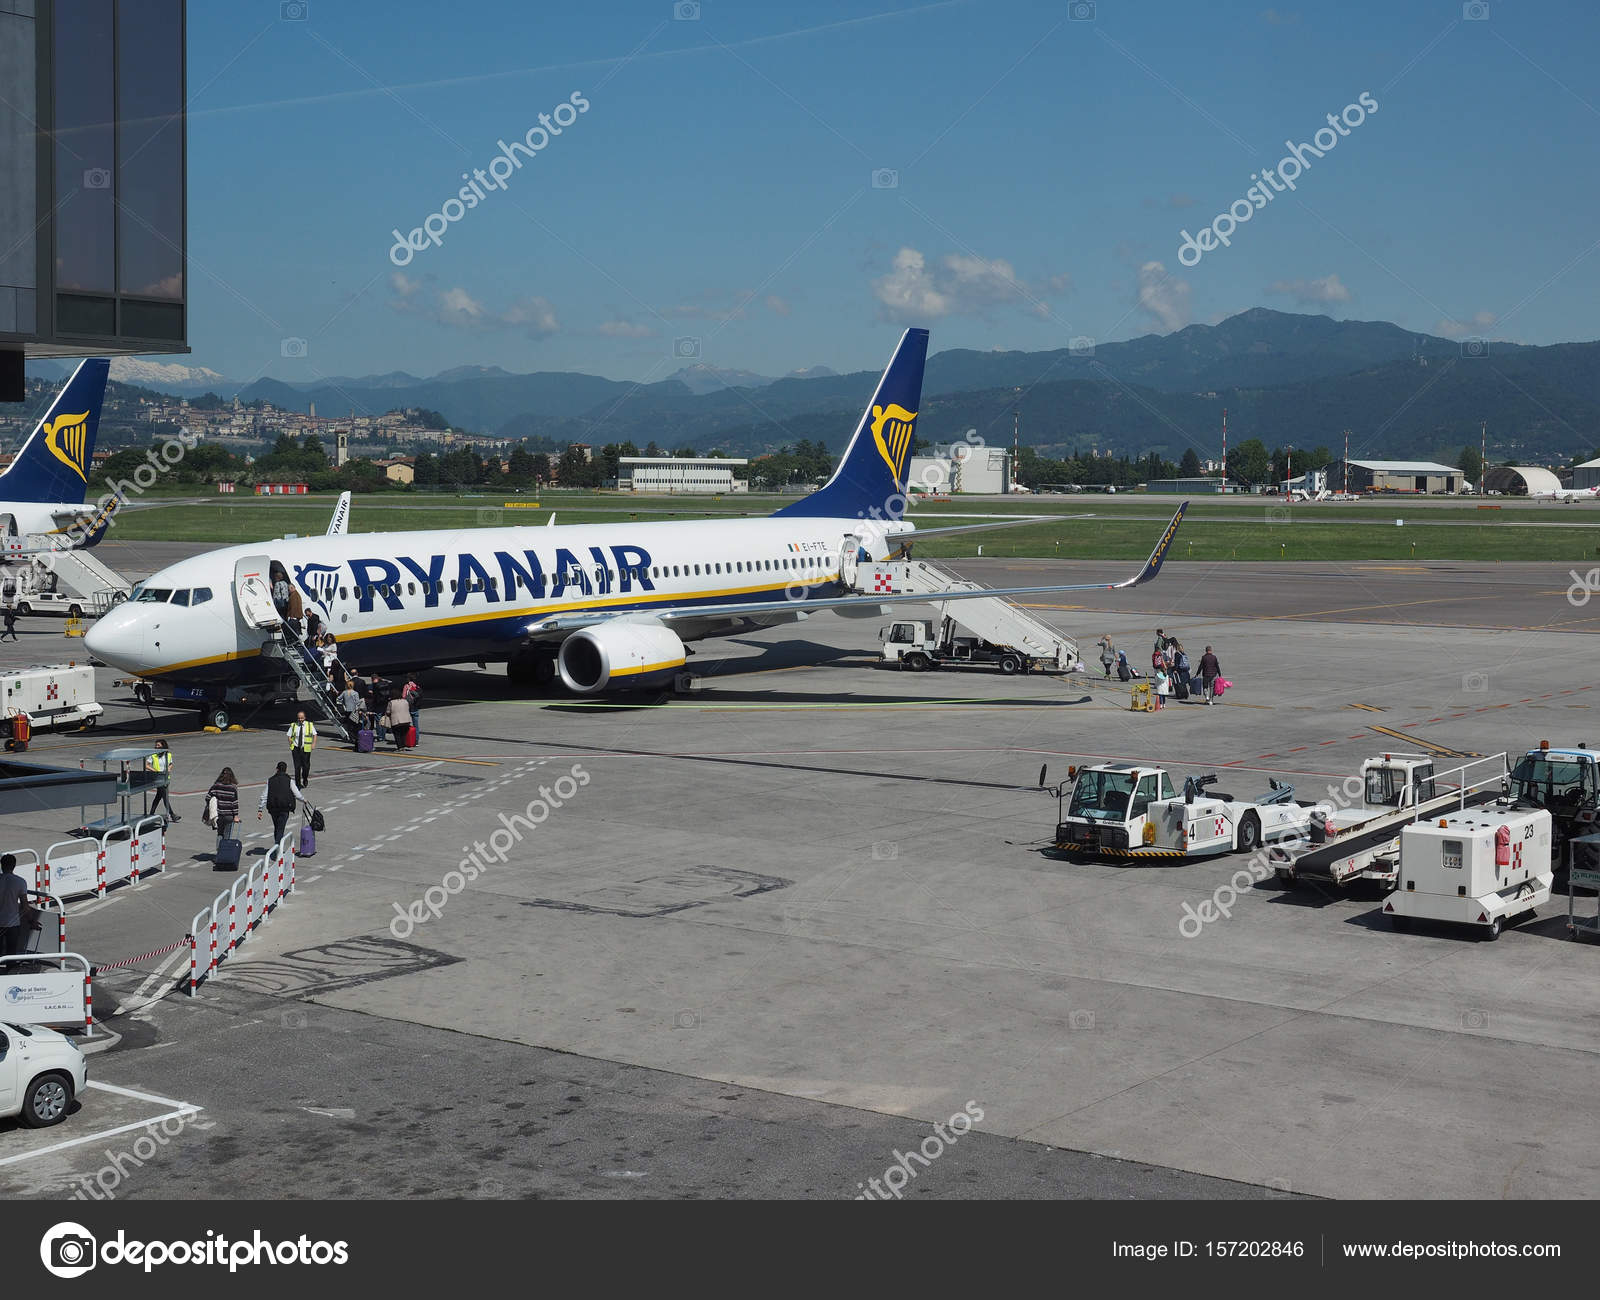 Aeroporto Orio Al Serio : Aeroporto di bergamo orio al serio fotografia editoriale